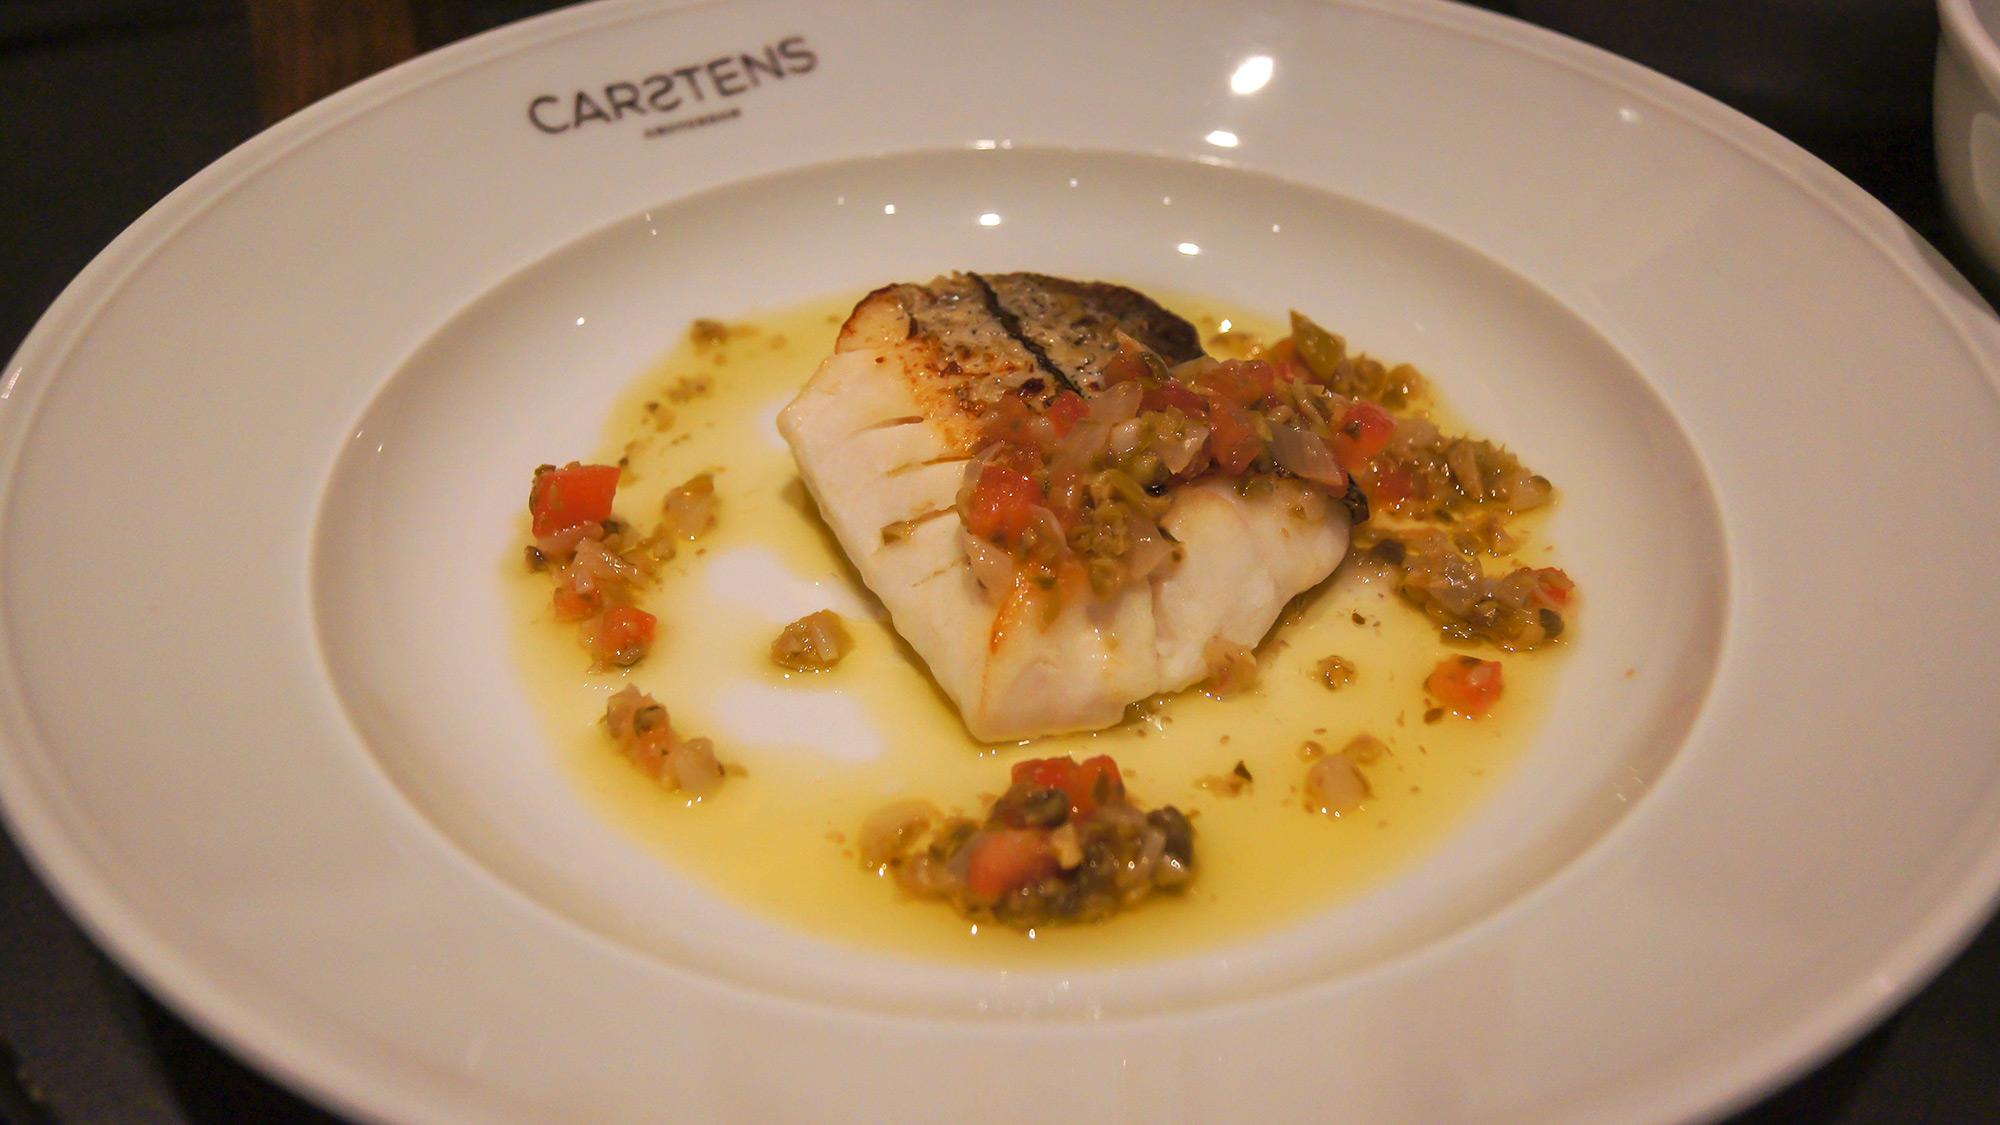 Carstens